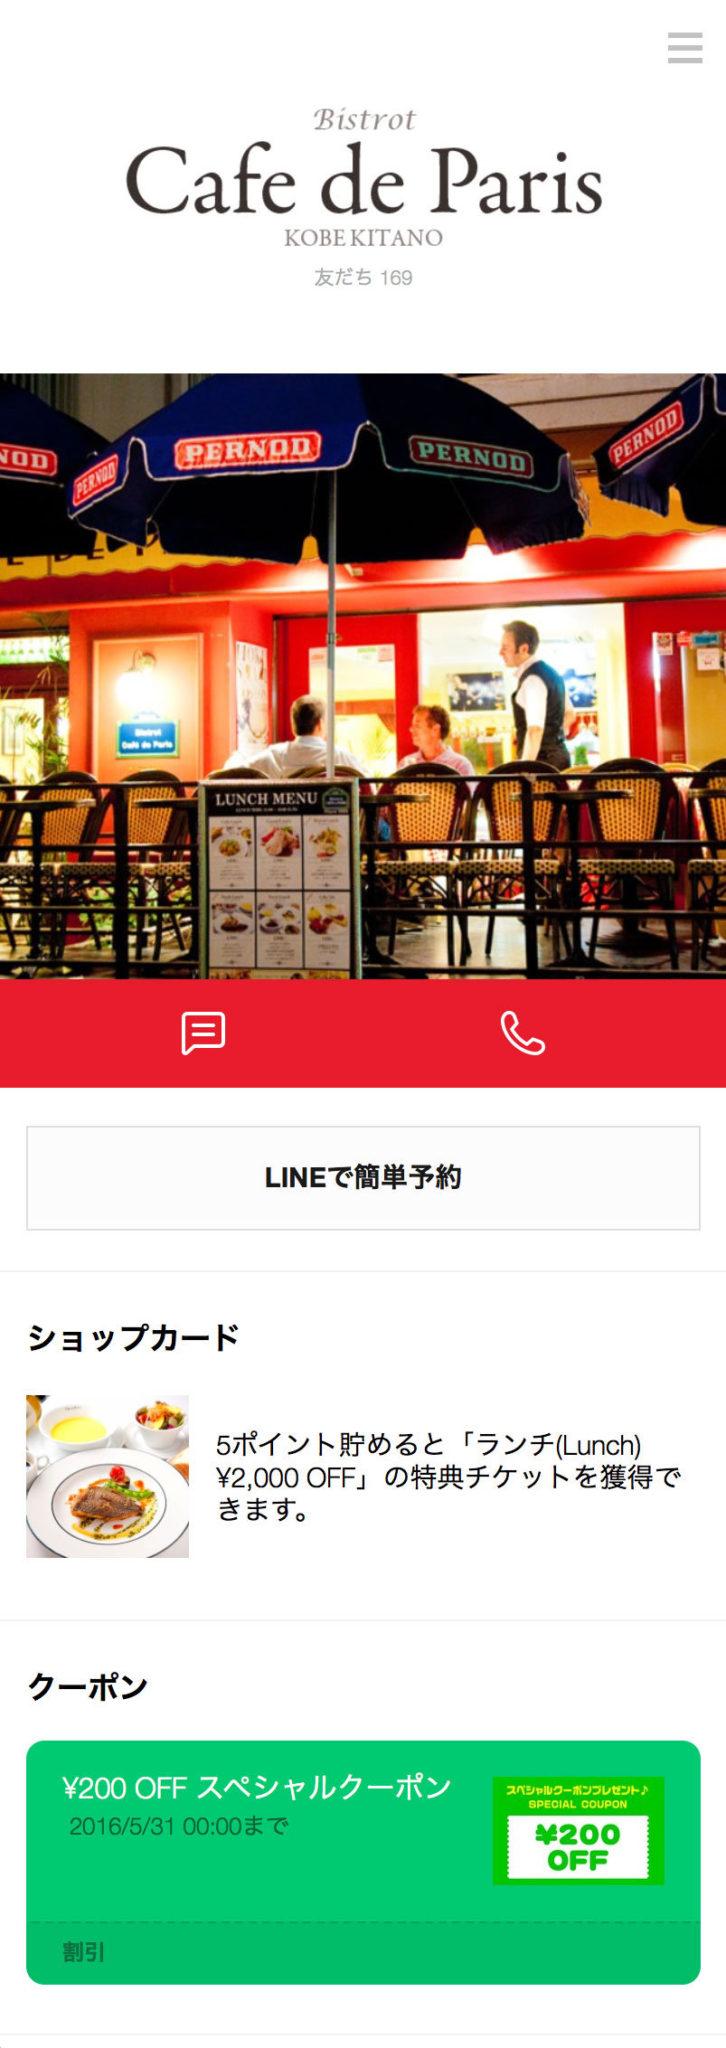 当店のLINE@公式ページが新しくなりました。クーポンも配布中♪